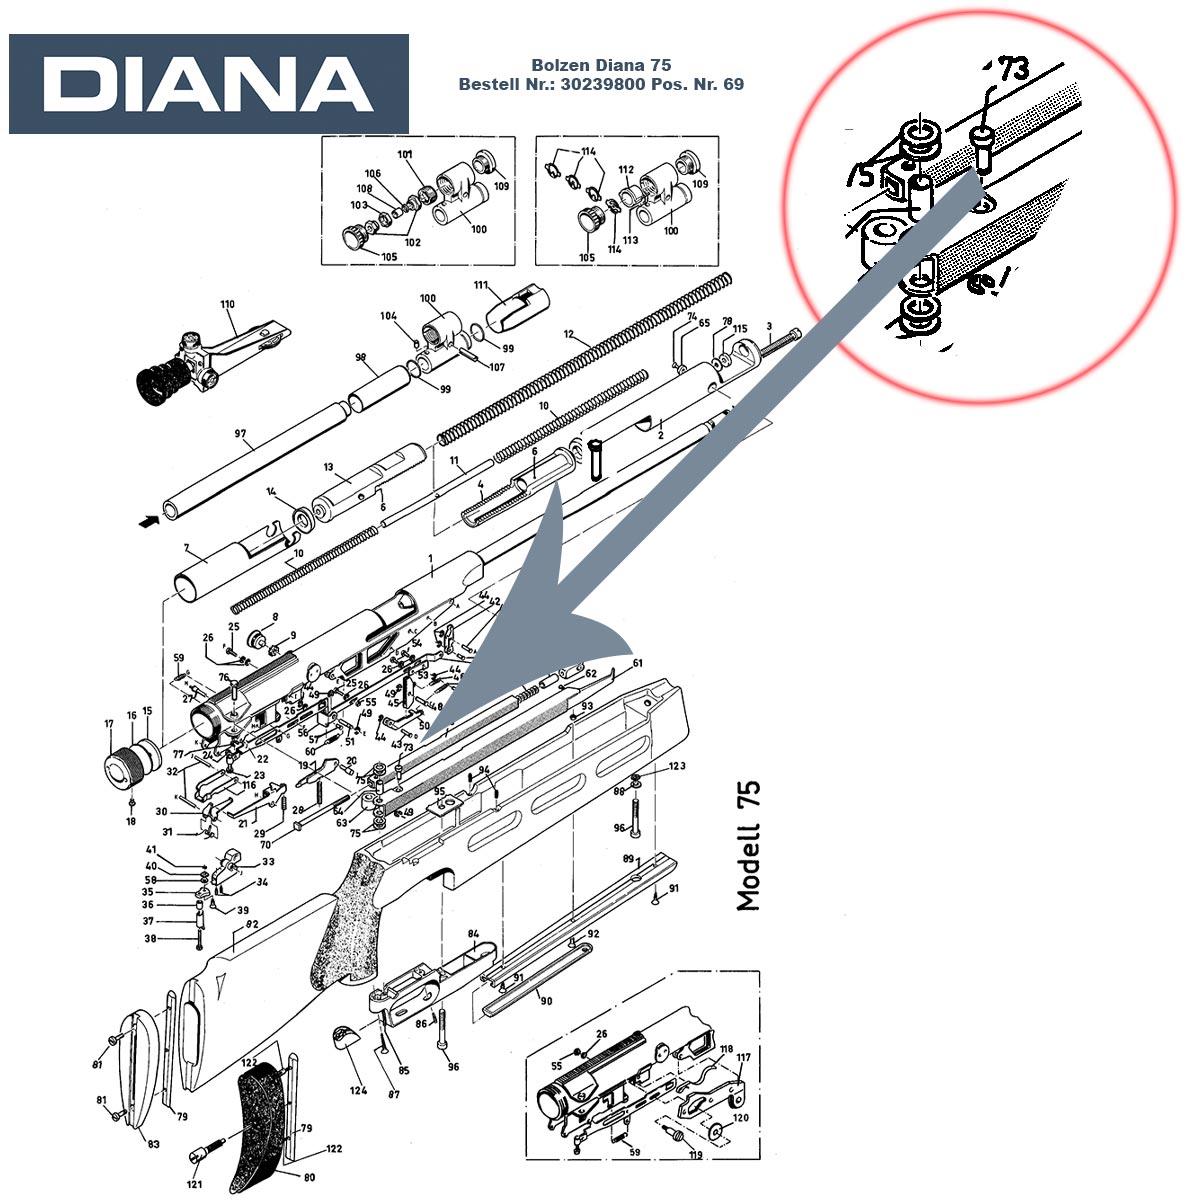 Gelenkbolzen Diana 75 & 56th Luftgewehr für den Spannhebel